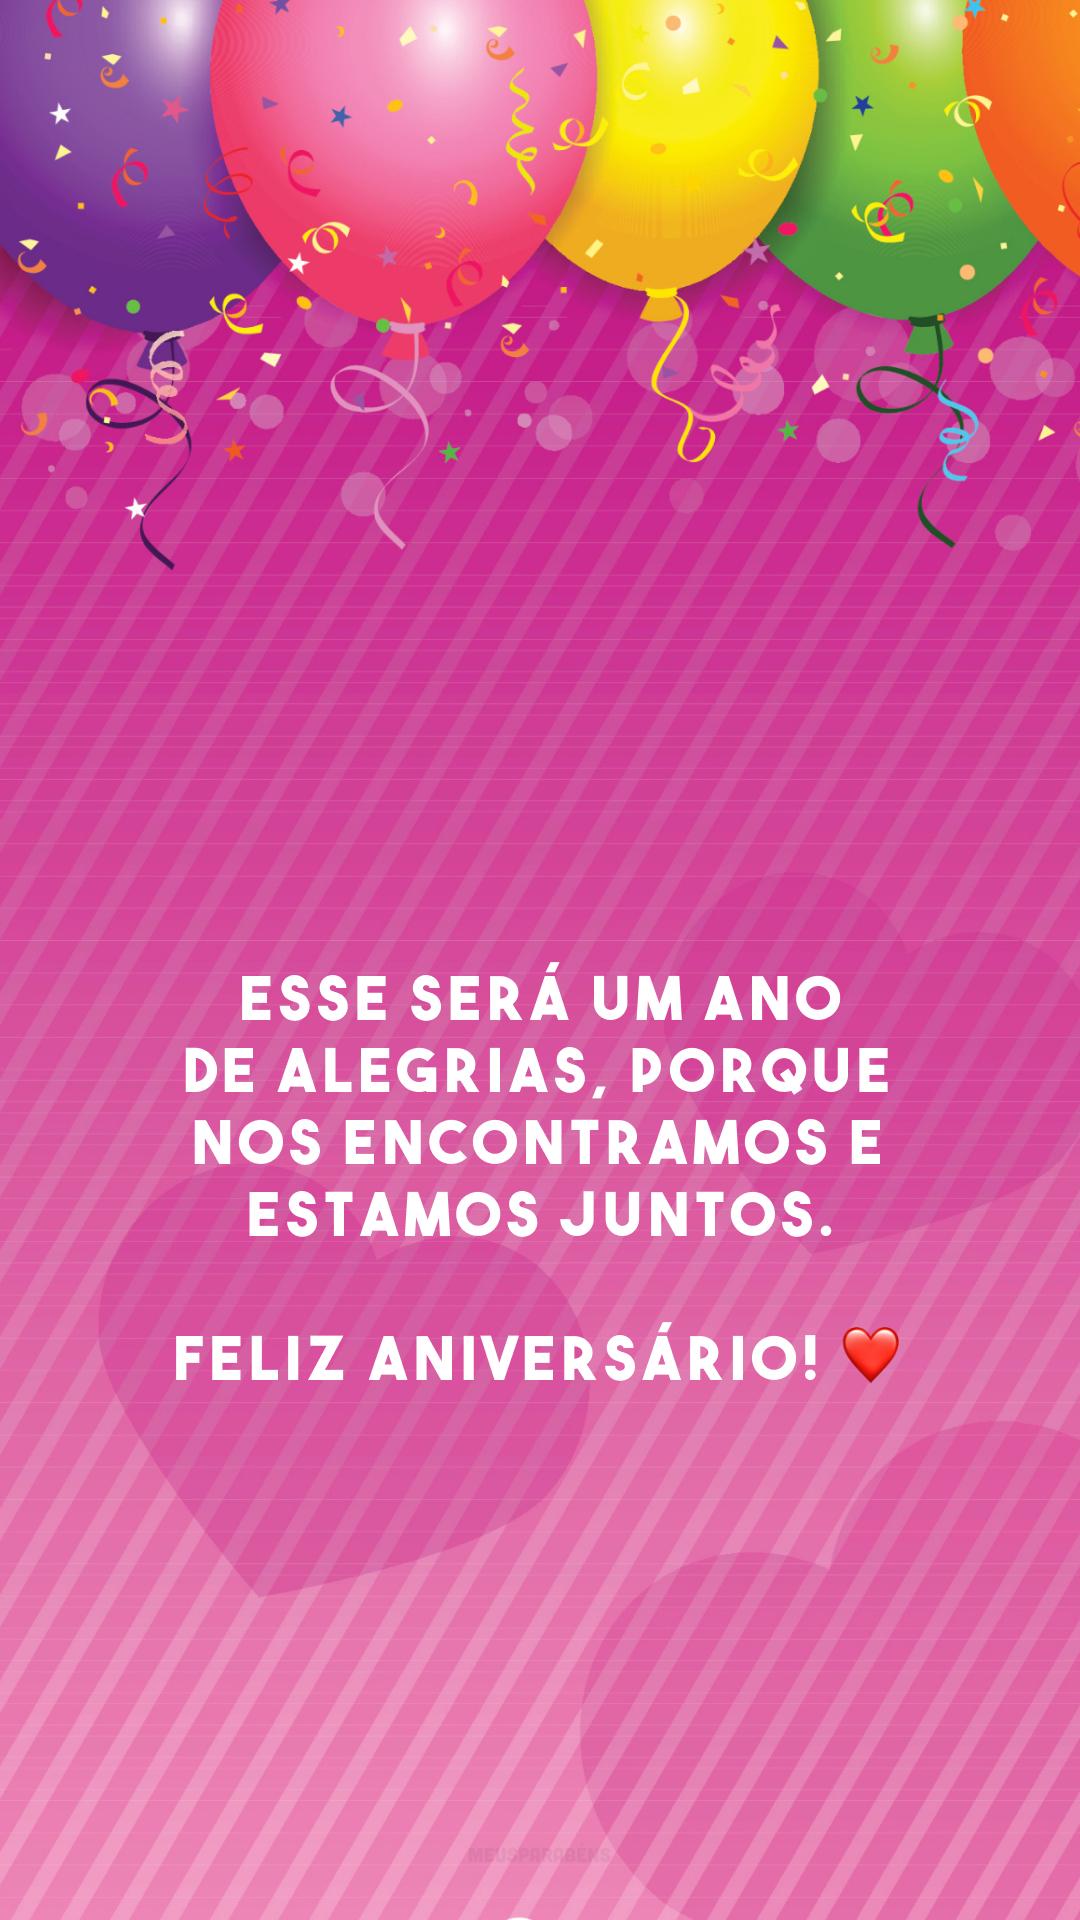 Esse será um ano de alegrias, porque nos encontramos e estamos juntos. Feliz aniversário! ❤️